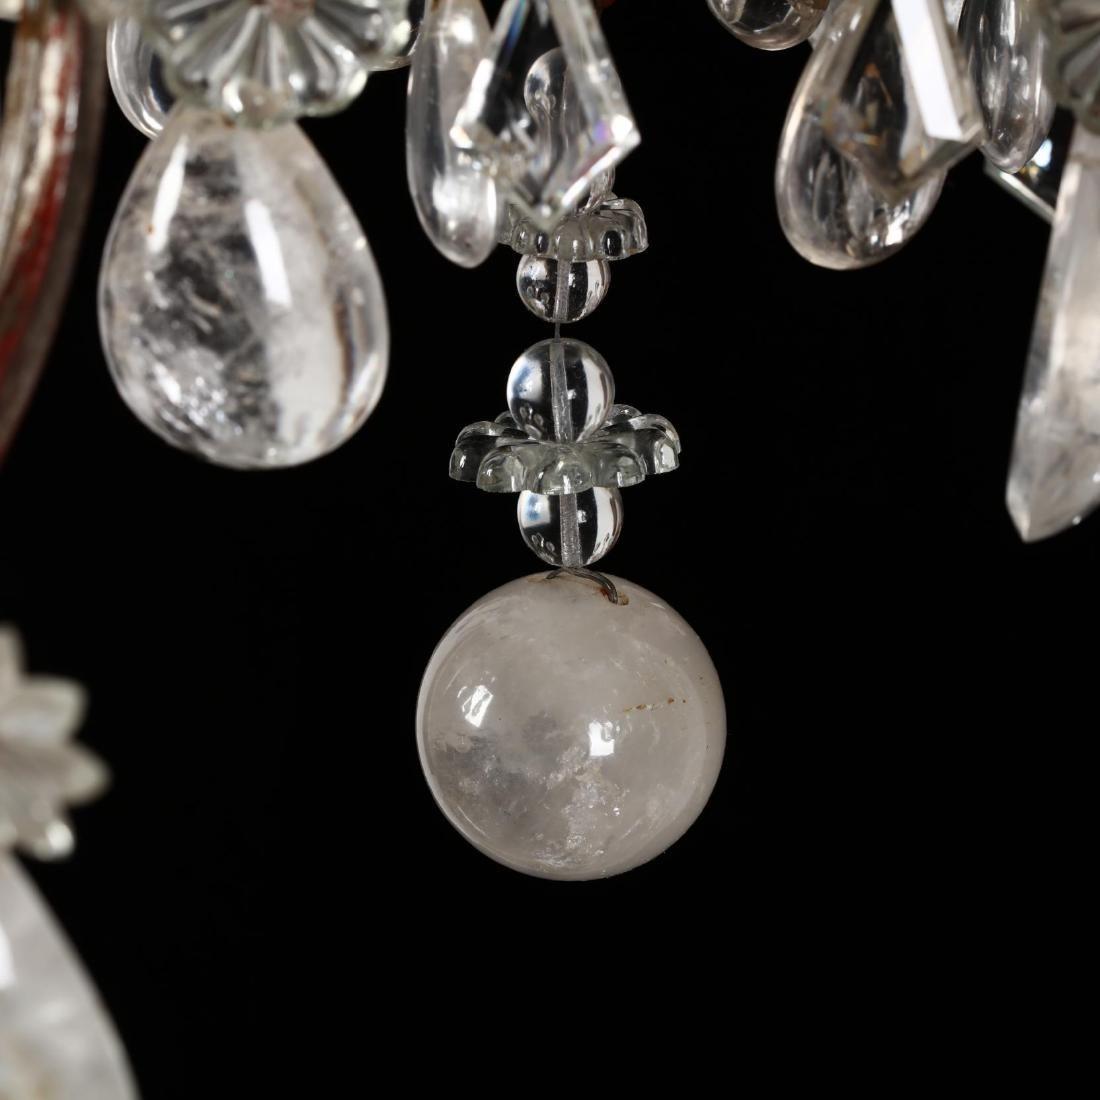 A Vintage Italian Rock Crystal Drop Prism Chandelier - 2